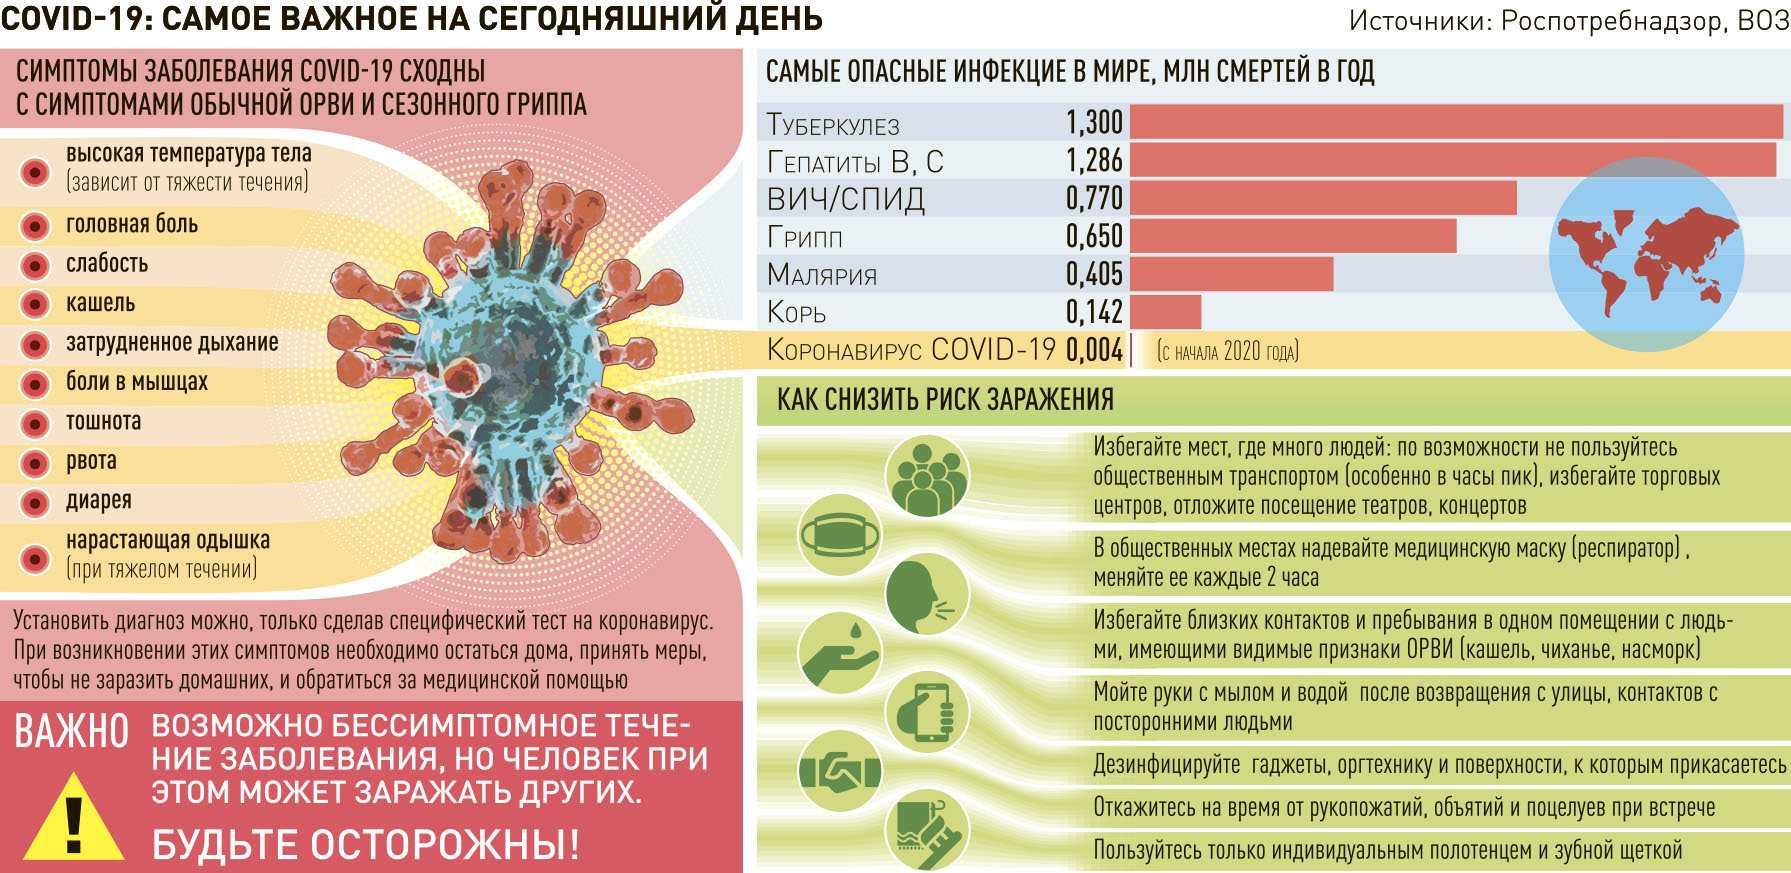 Какие глобальные события прикрывают истерией вокруг коронавируса covid-19